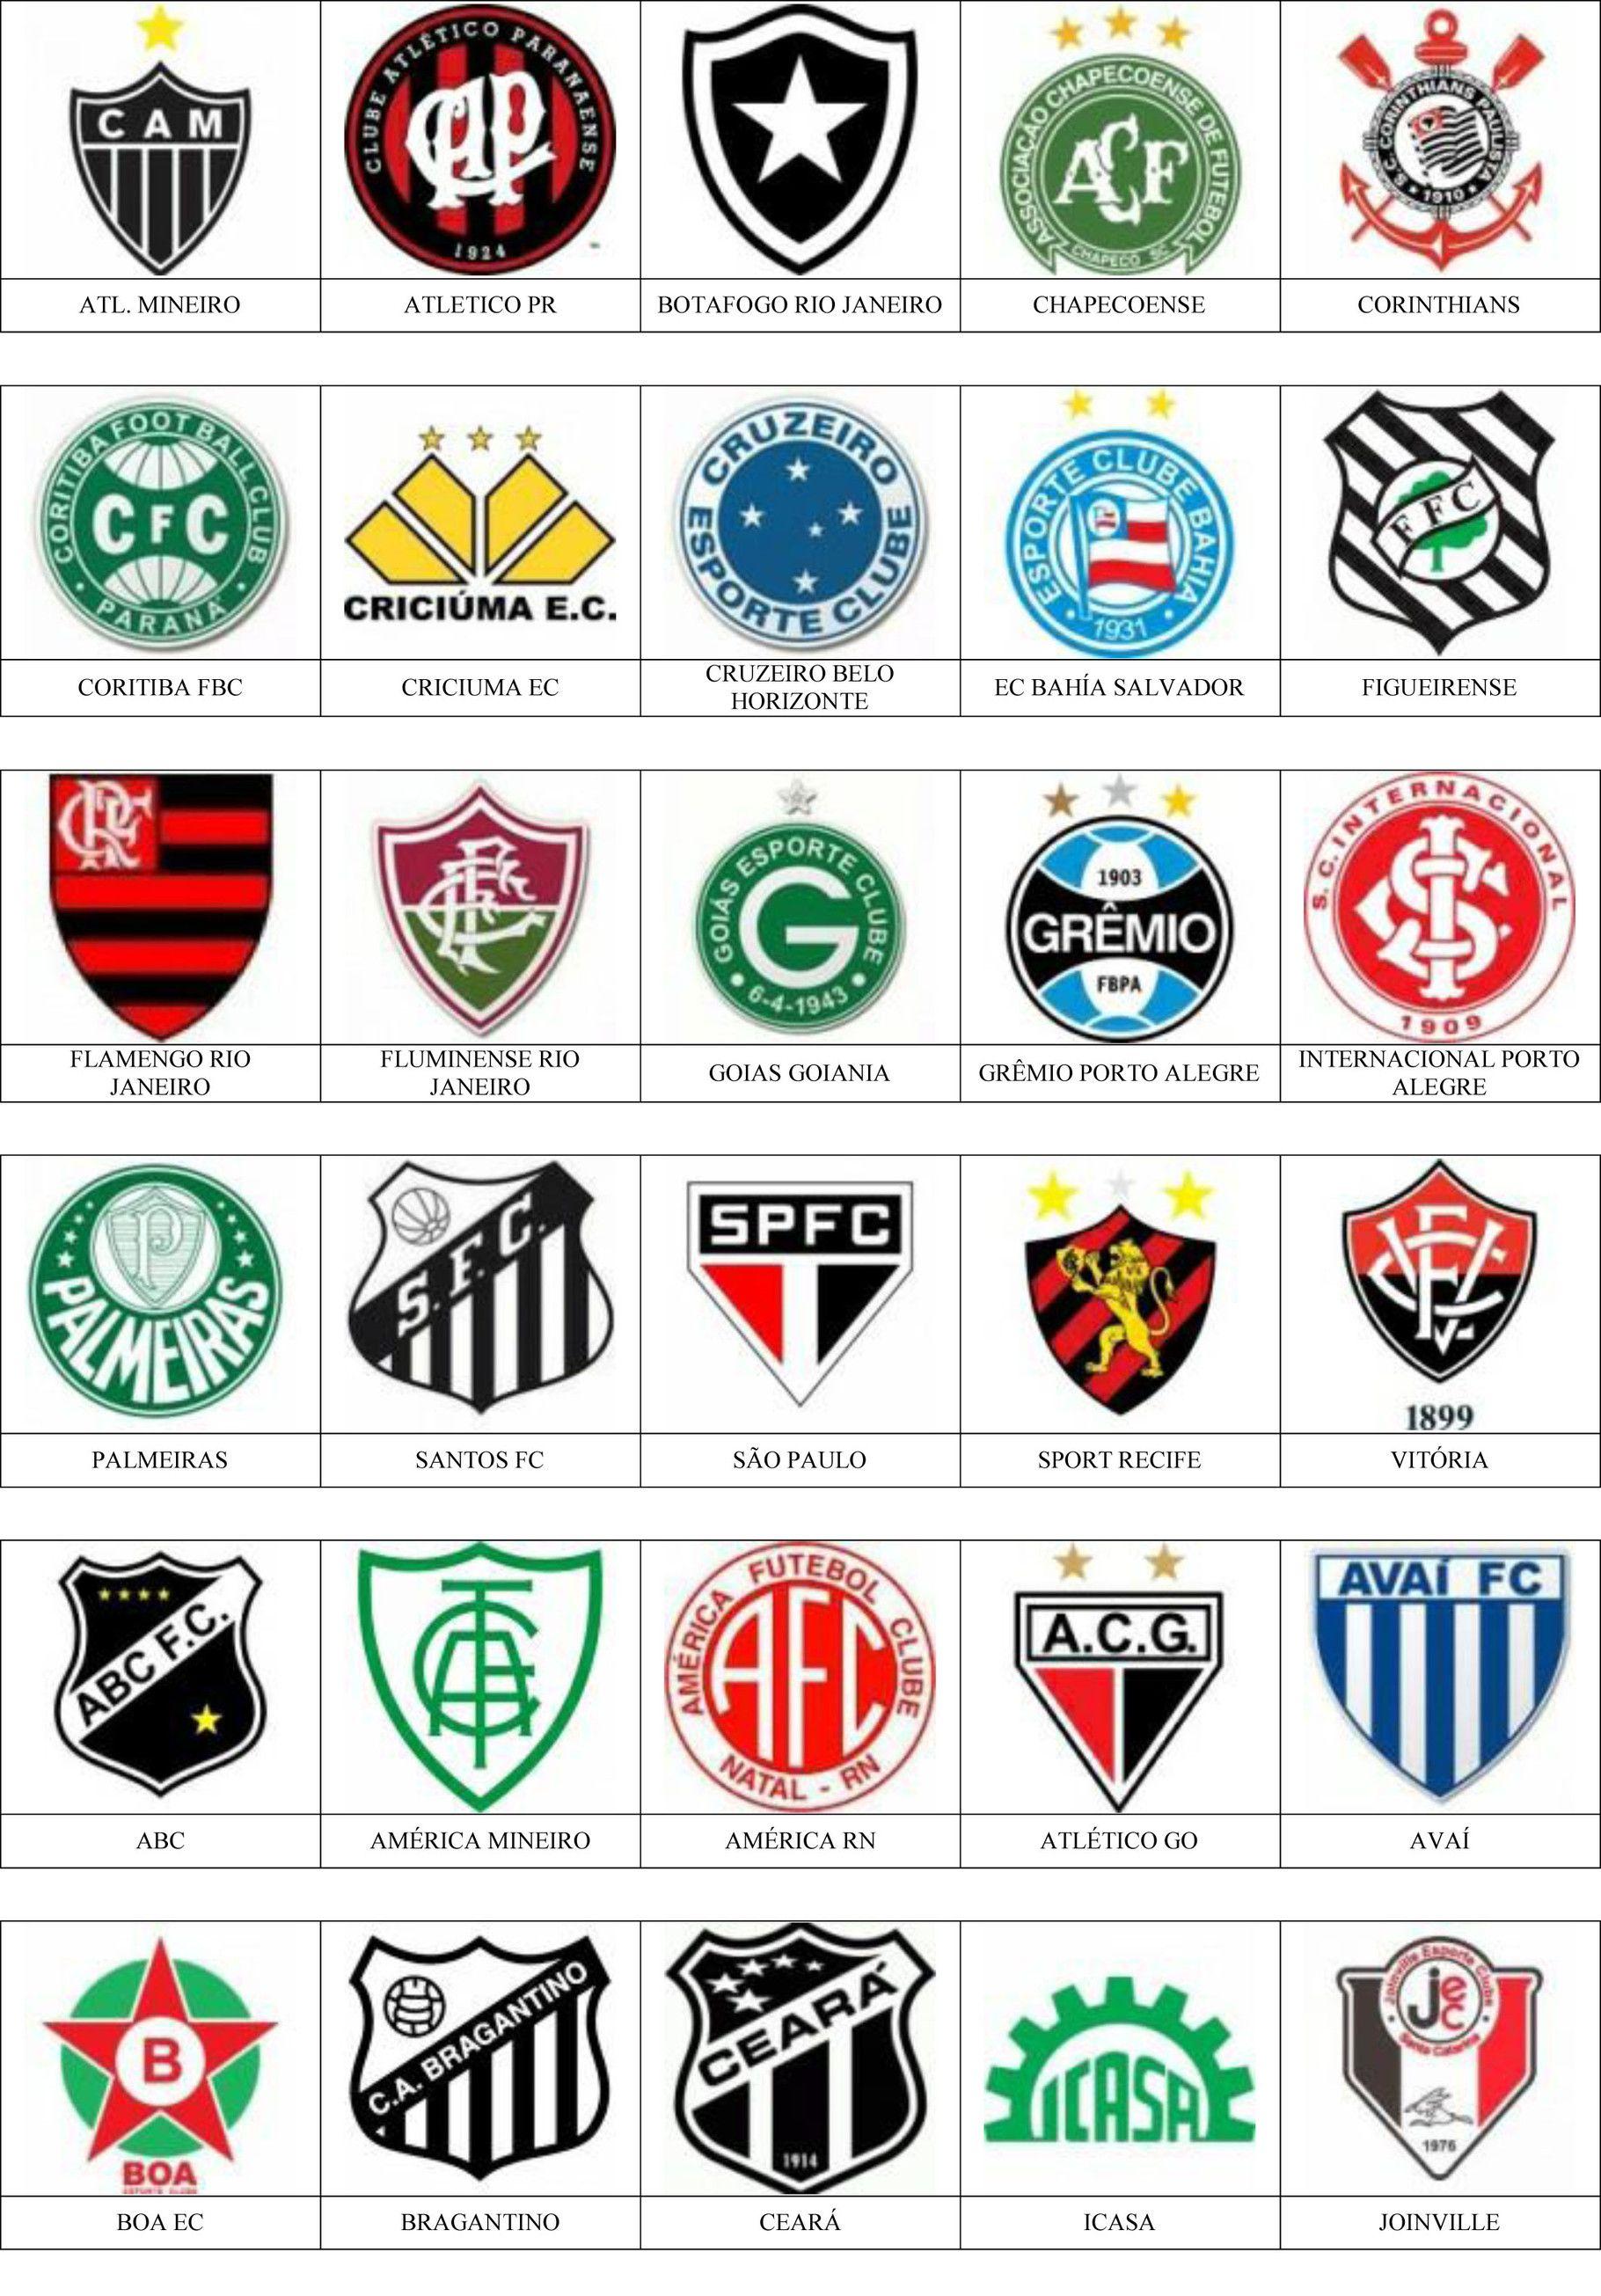 Brasil Pins De Escudos Insiginas De Equipos De Fútbol Equipo De Fútbol Escudos De Equipos Mundial De Clubs